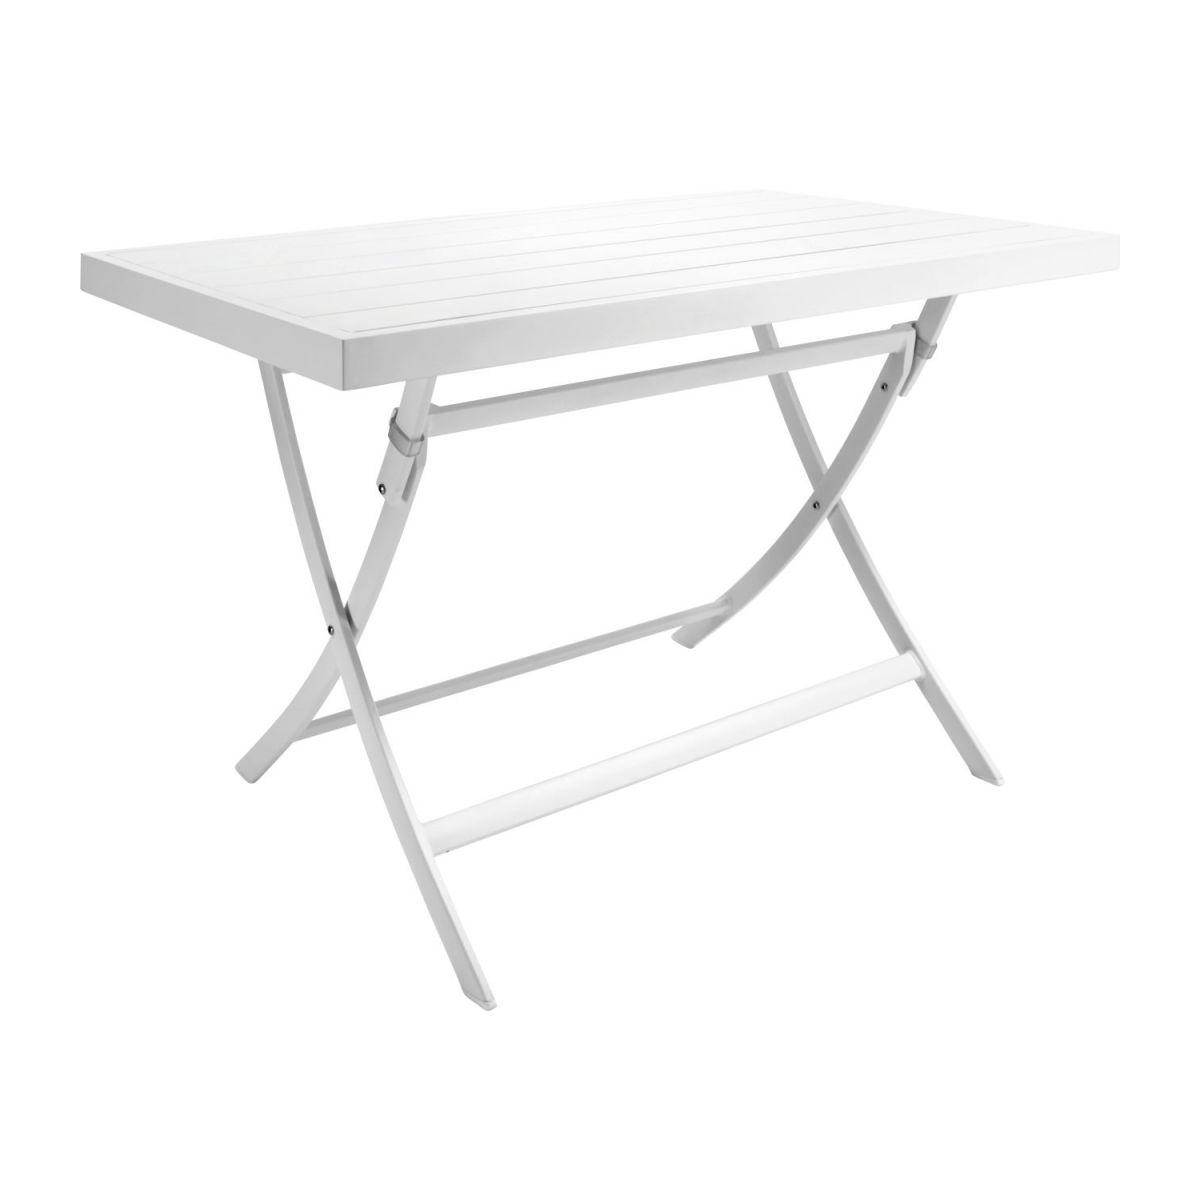 Table De Jardin Rectangulaire En Aluminium Laqué Blanc encequiconcerne Tables De Jardin Pliantes